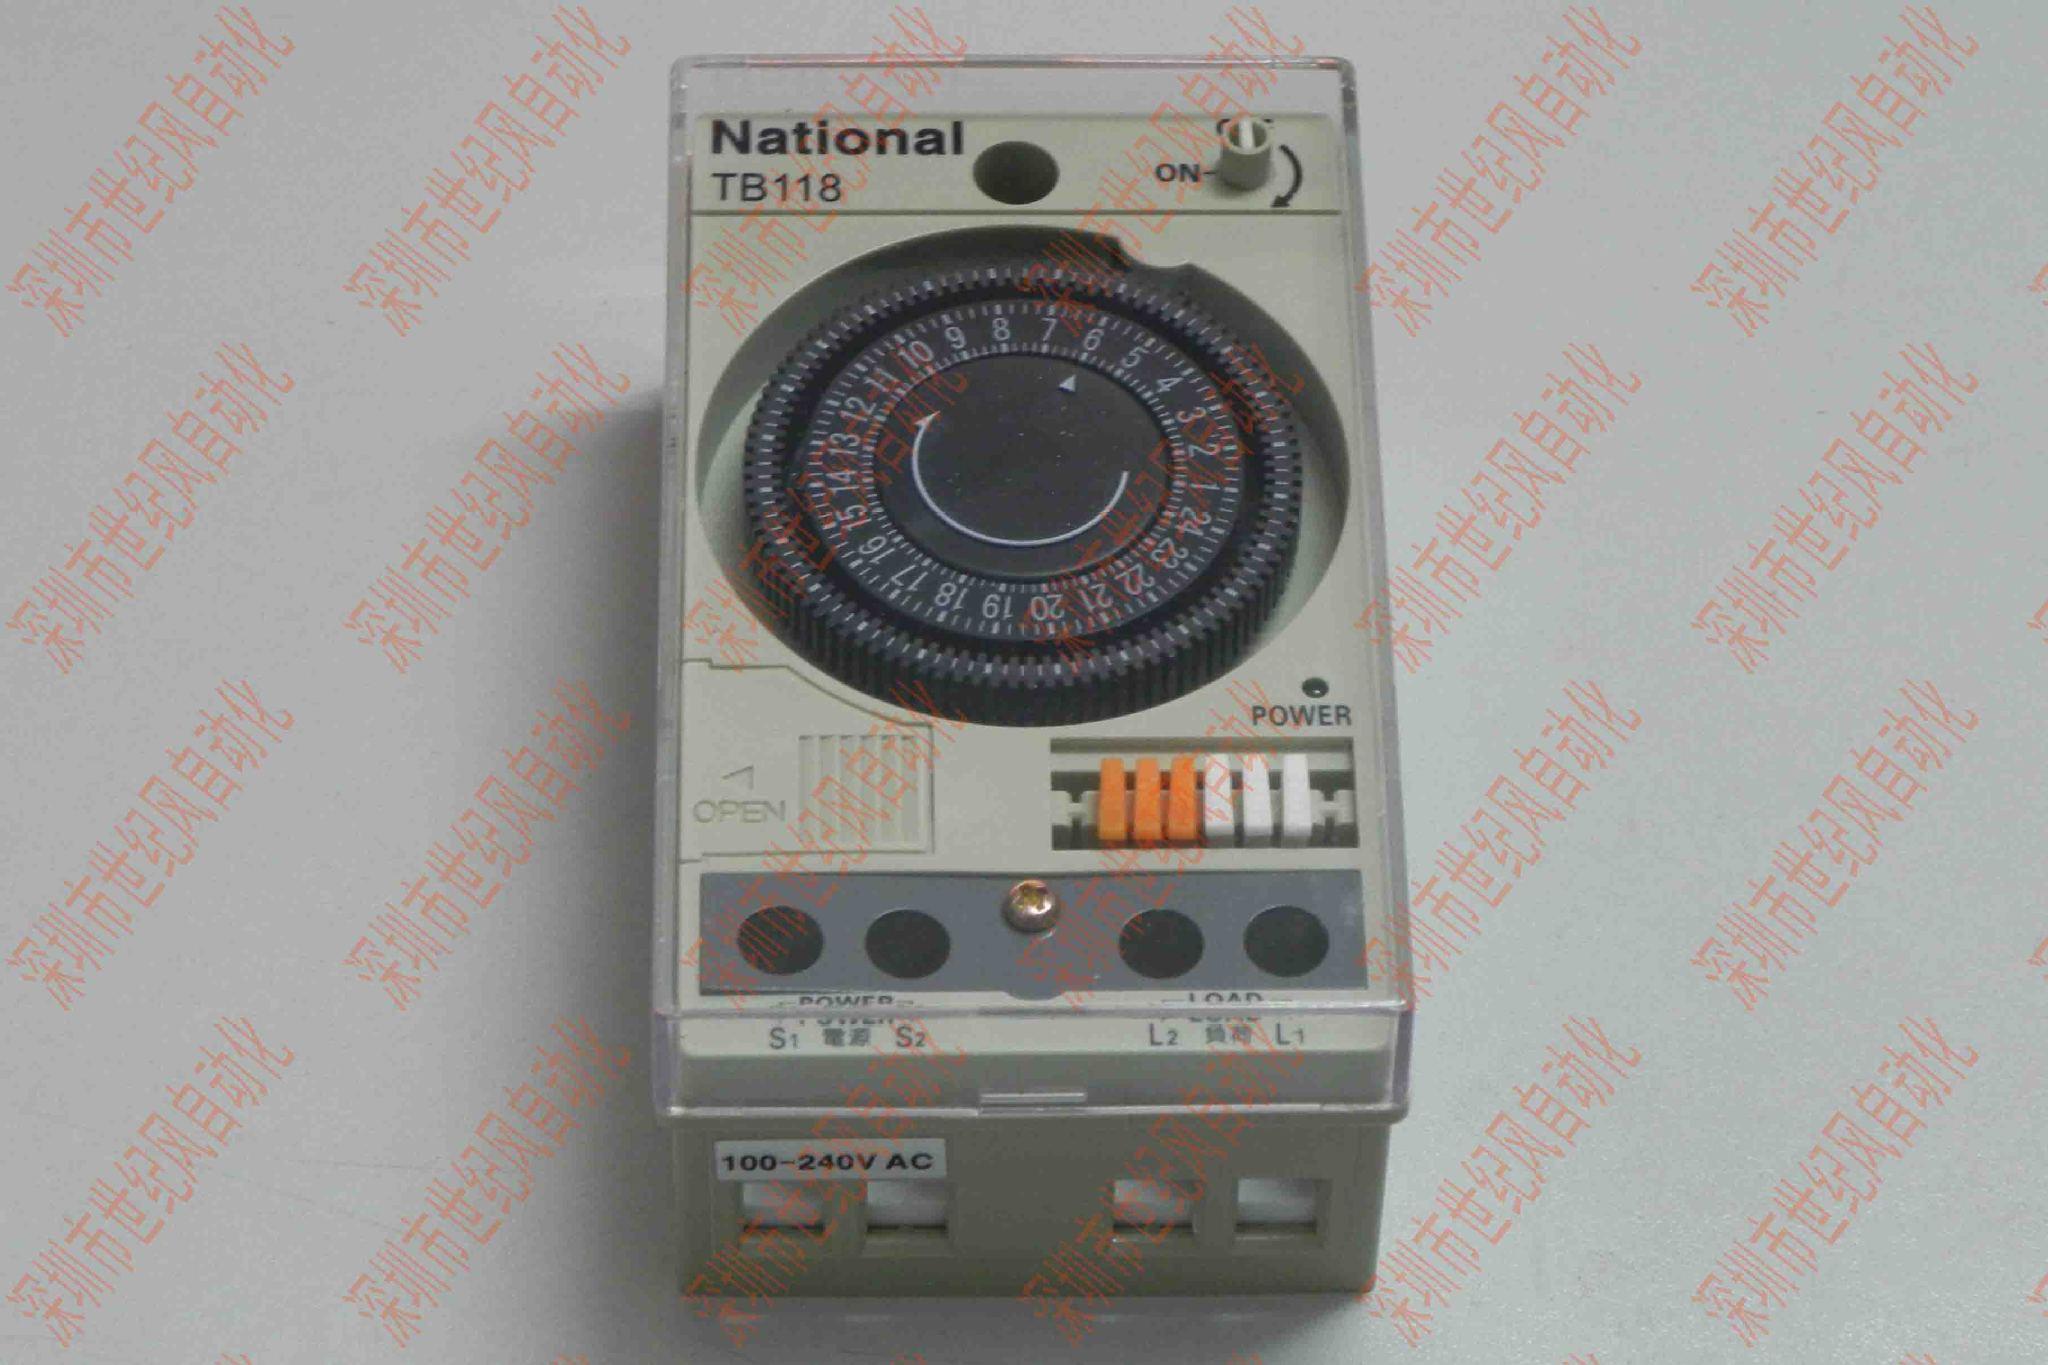 定时器松下电工 定时器TB118 定时开关 时间控制器 定时器 新品